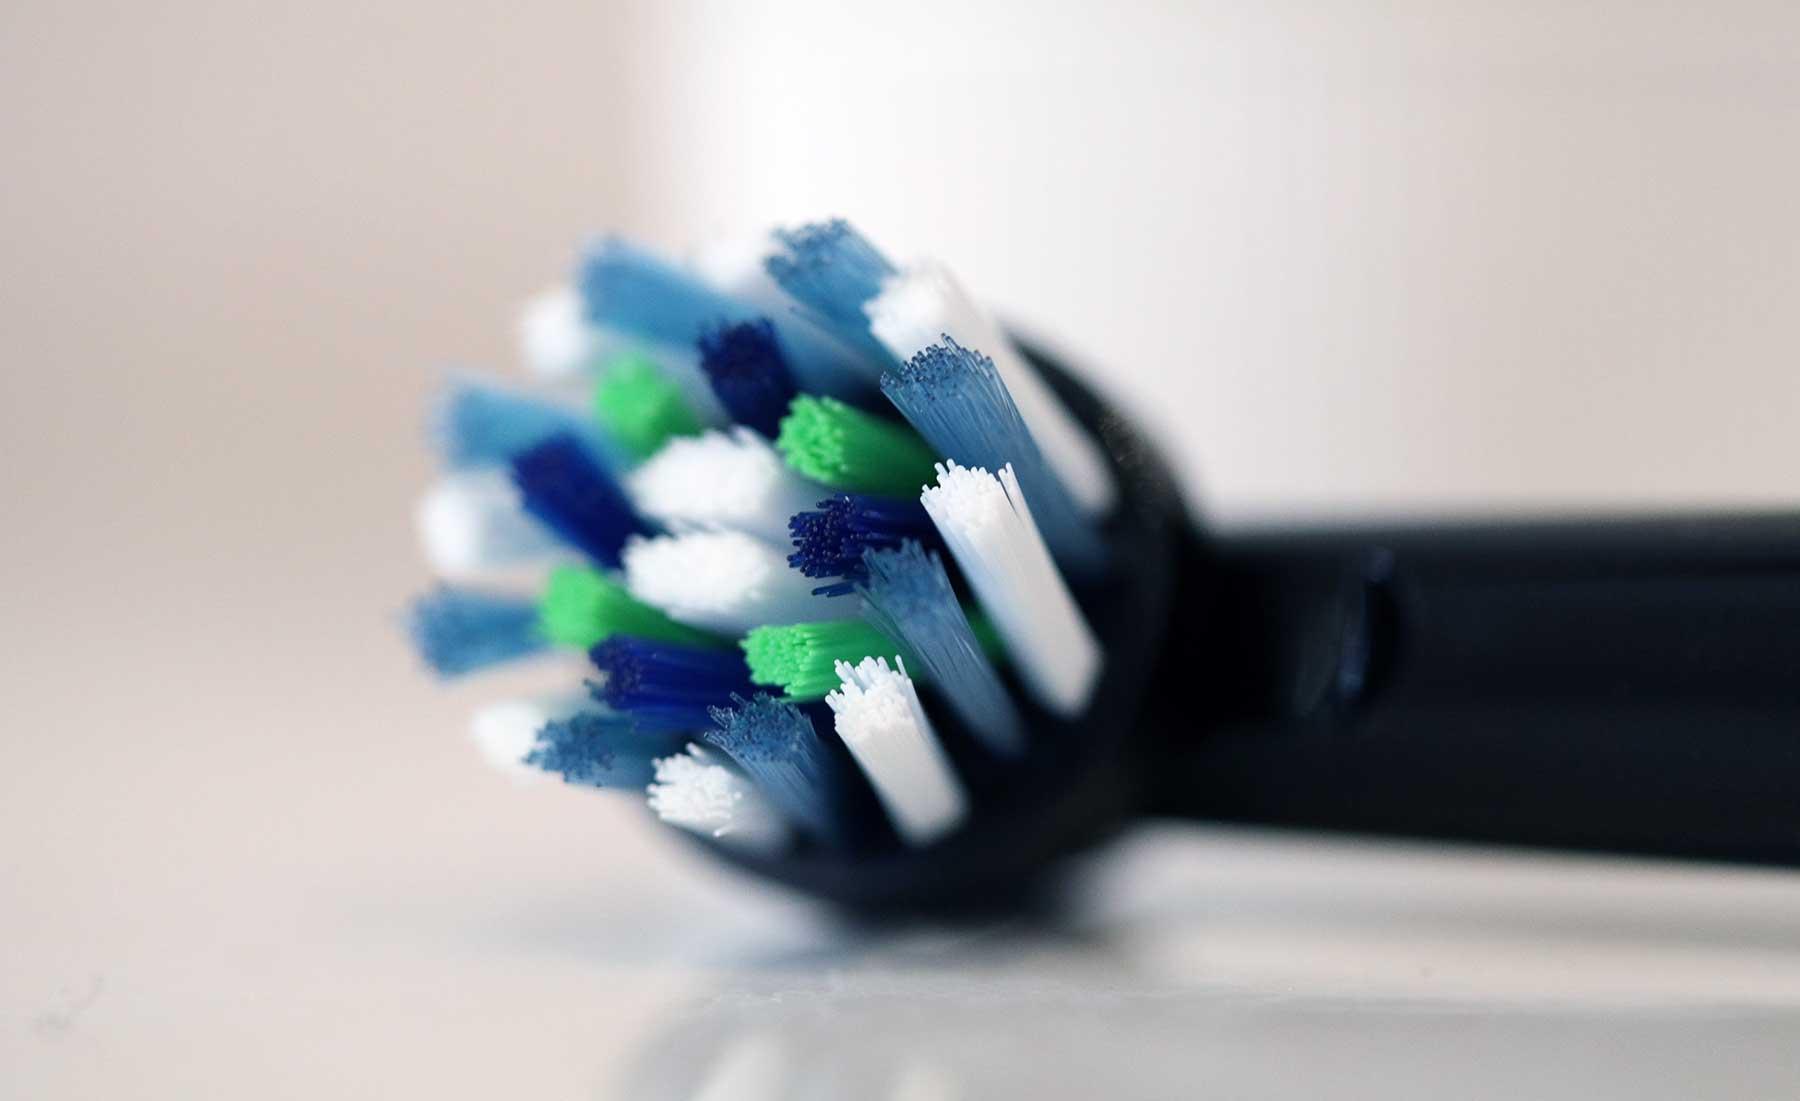 Testbericht: Oral-B GENIUS X 20000N - elektrische Zahnbürste mit künstlicher Intelligenz Oral-B-Genius-X-Text-2019_09